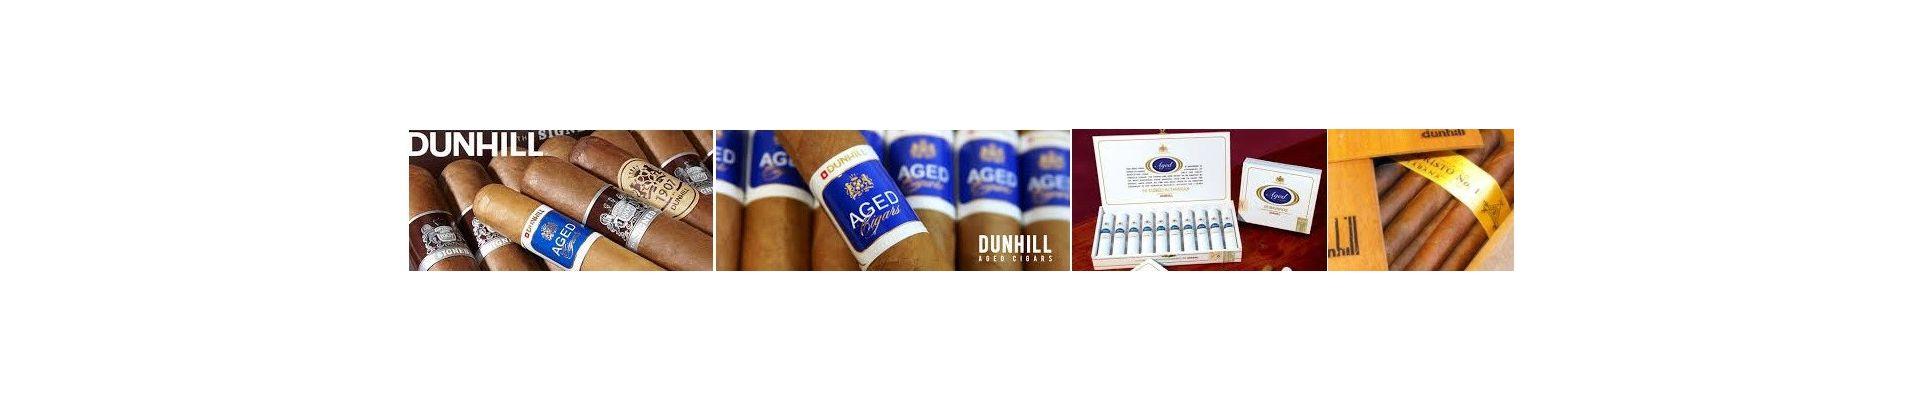 Trabucuri Dunhill de vanzare..Magazin online trabucuri Dunhill pret